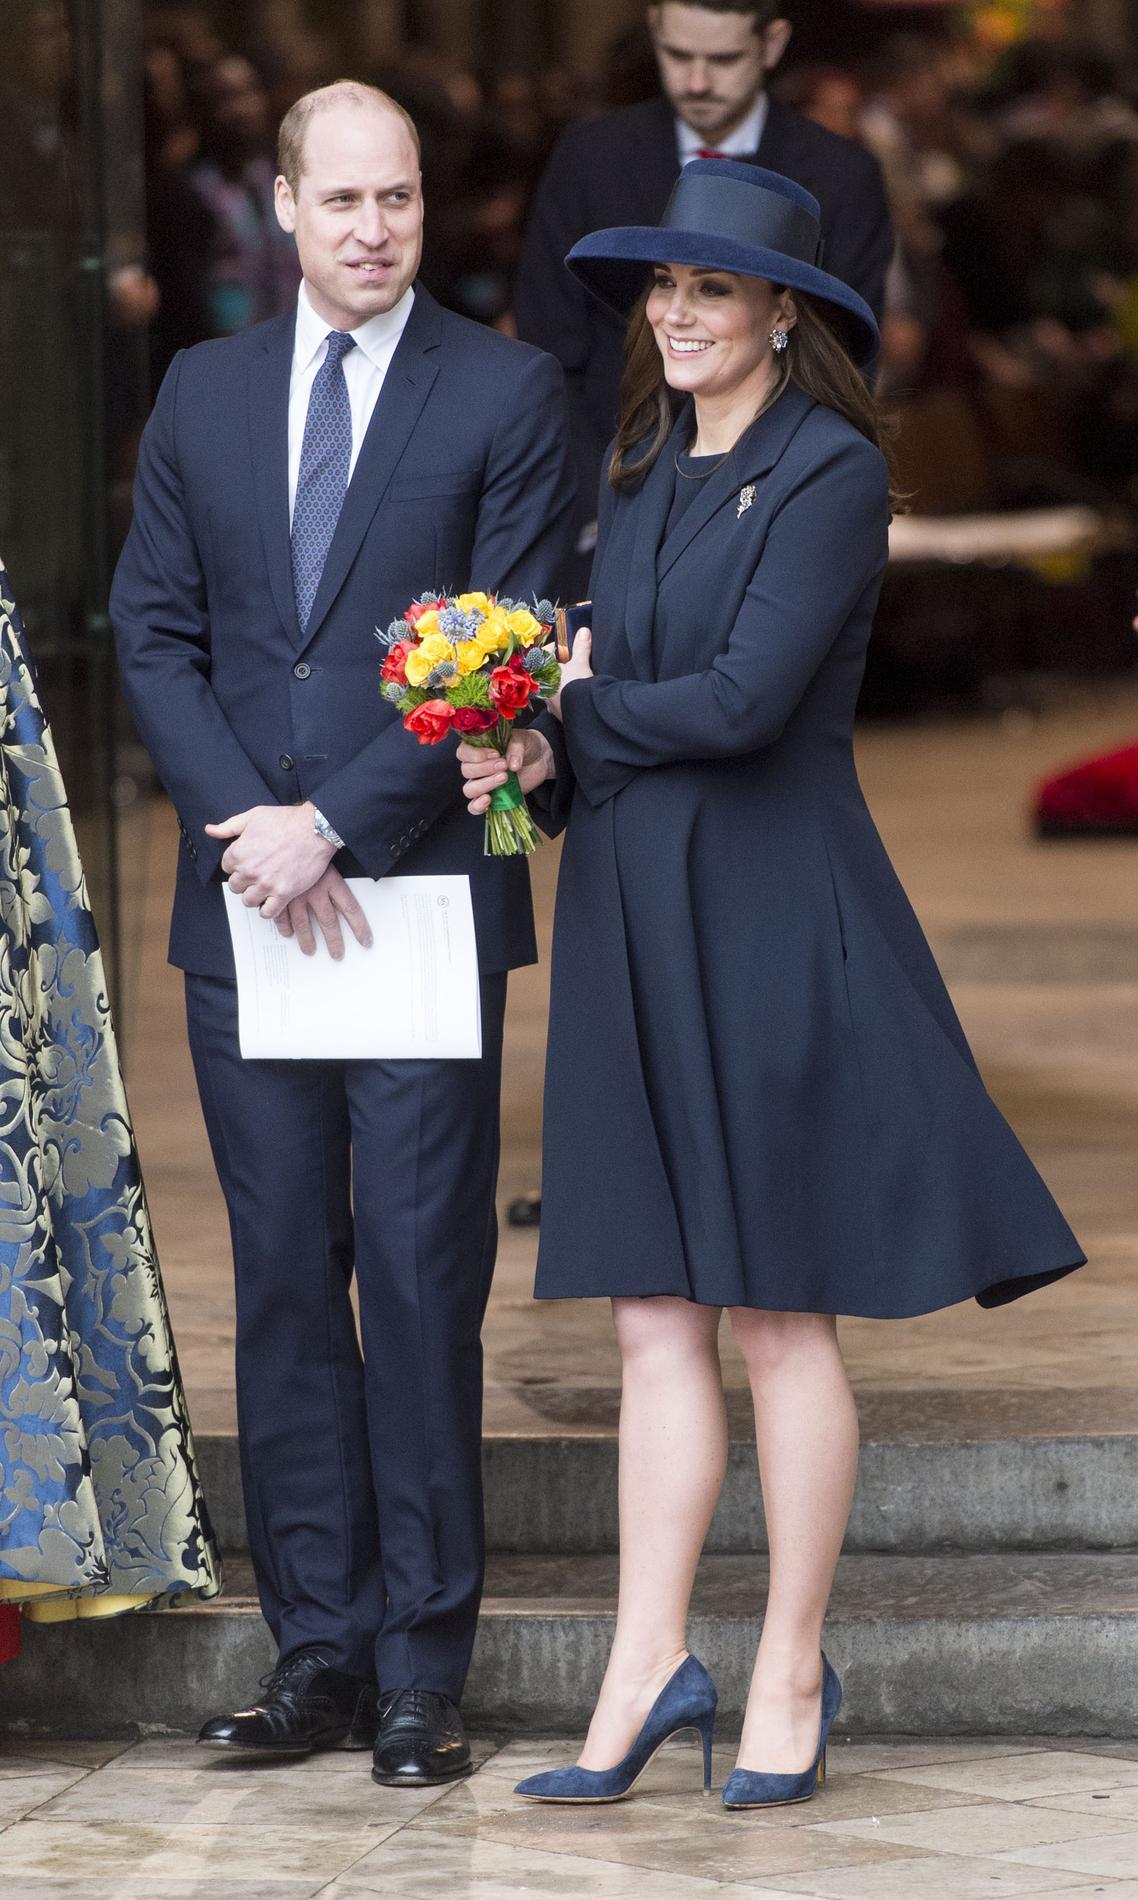 Ans Huit Robe Encore AprèsLa Middleton De Kate Fiançailles Fait zMUqSVp